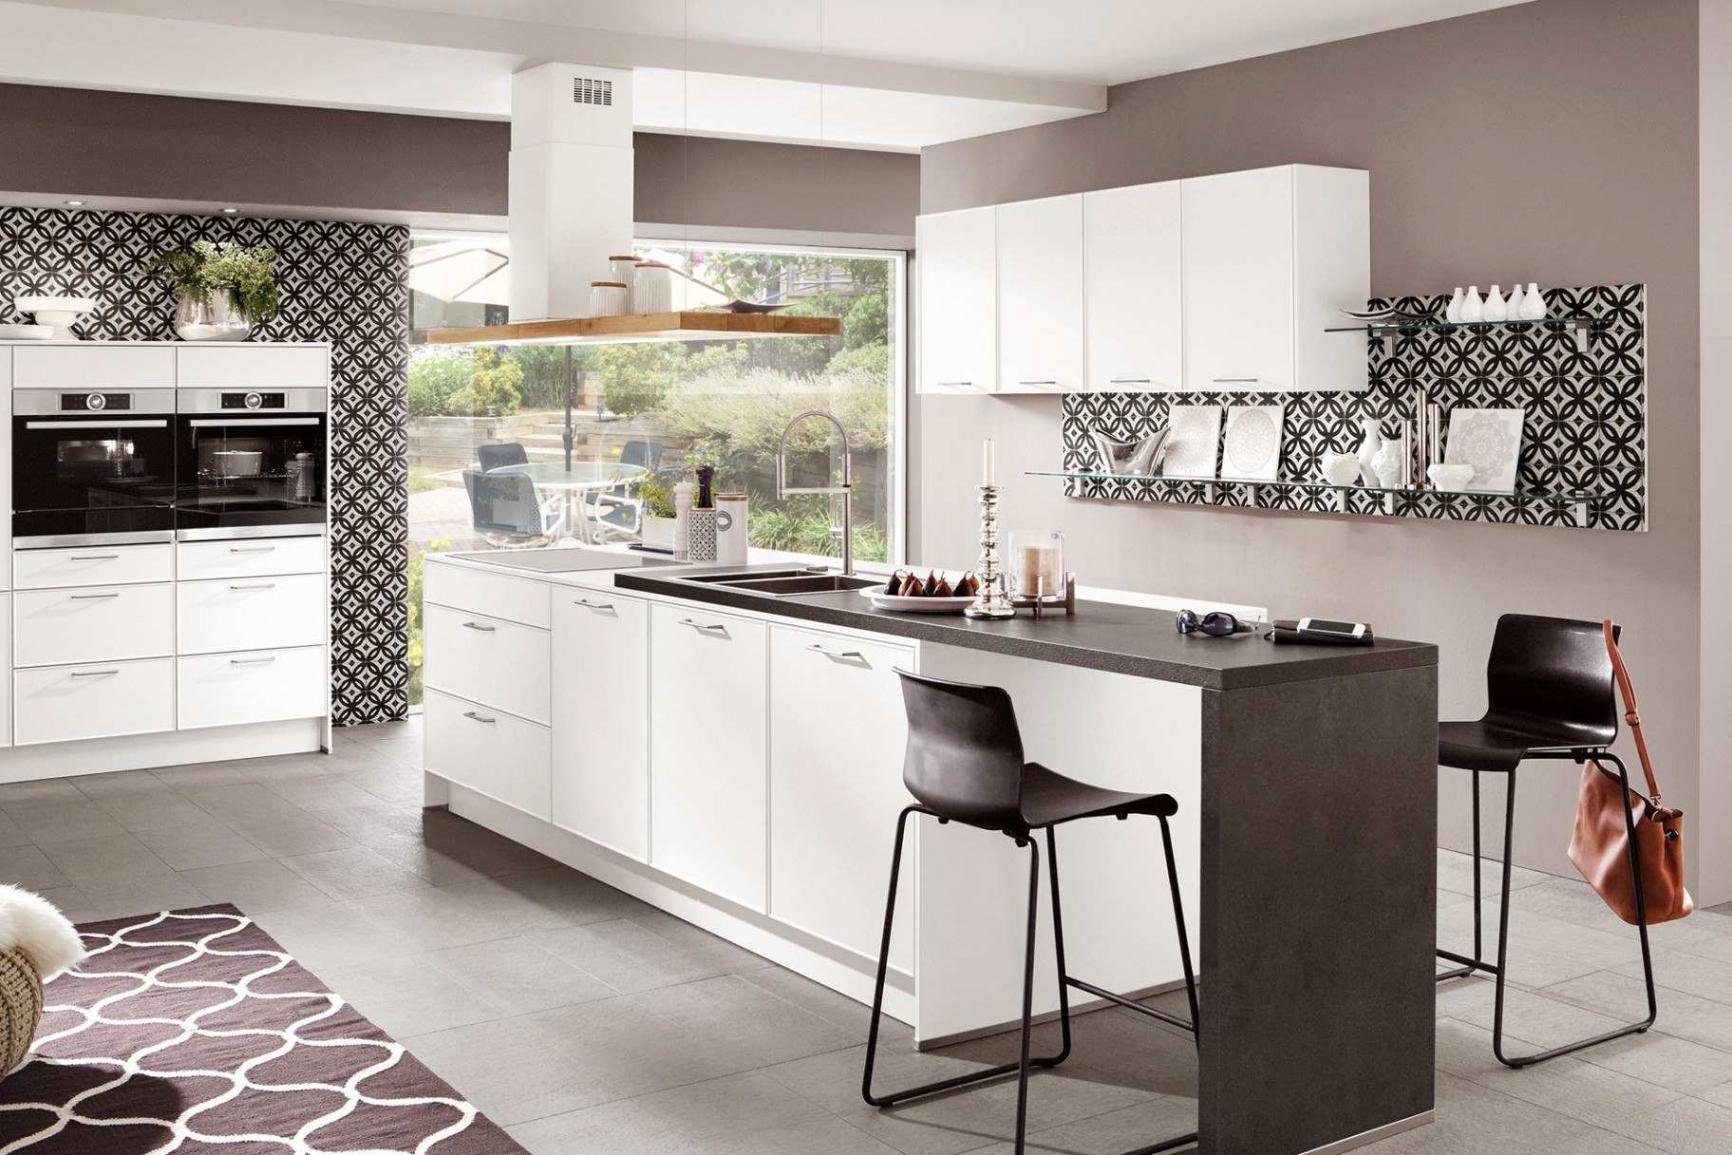 Full Size of Glasbilder Für Küche Wohnzimmer Mit Küche Einrichten Buche Welche   Küchendurchreiche Ins Esszimmer Küche Glasbilder Küche